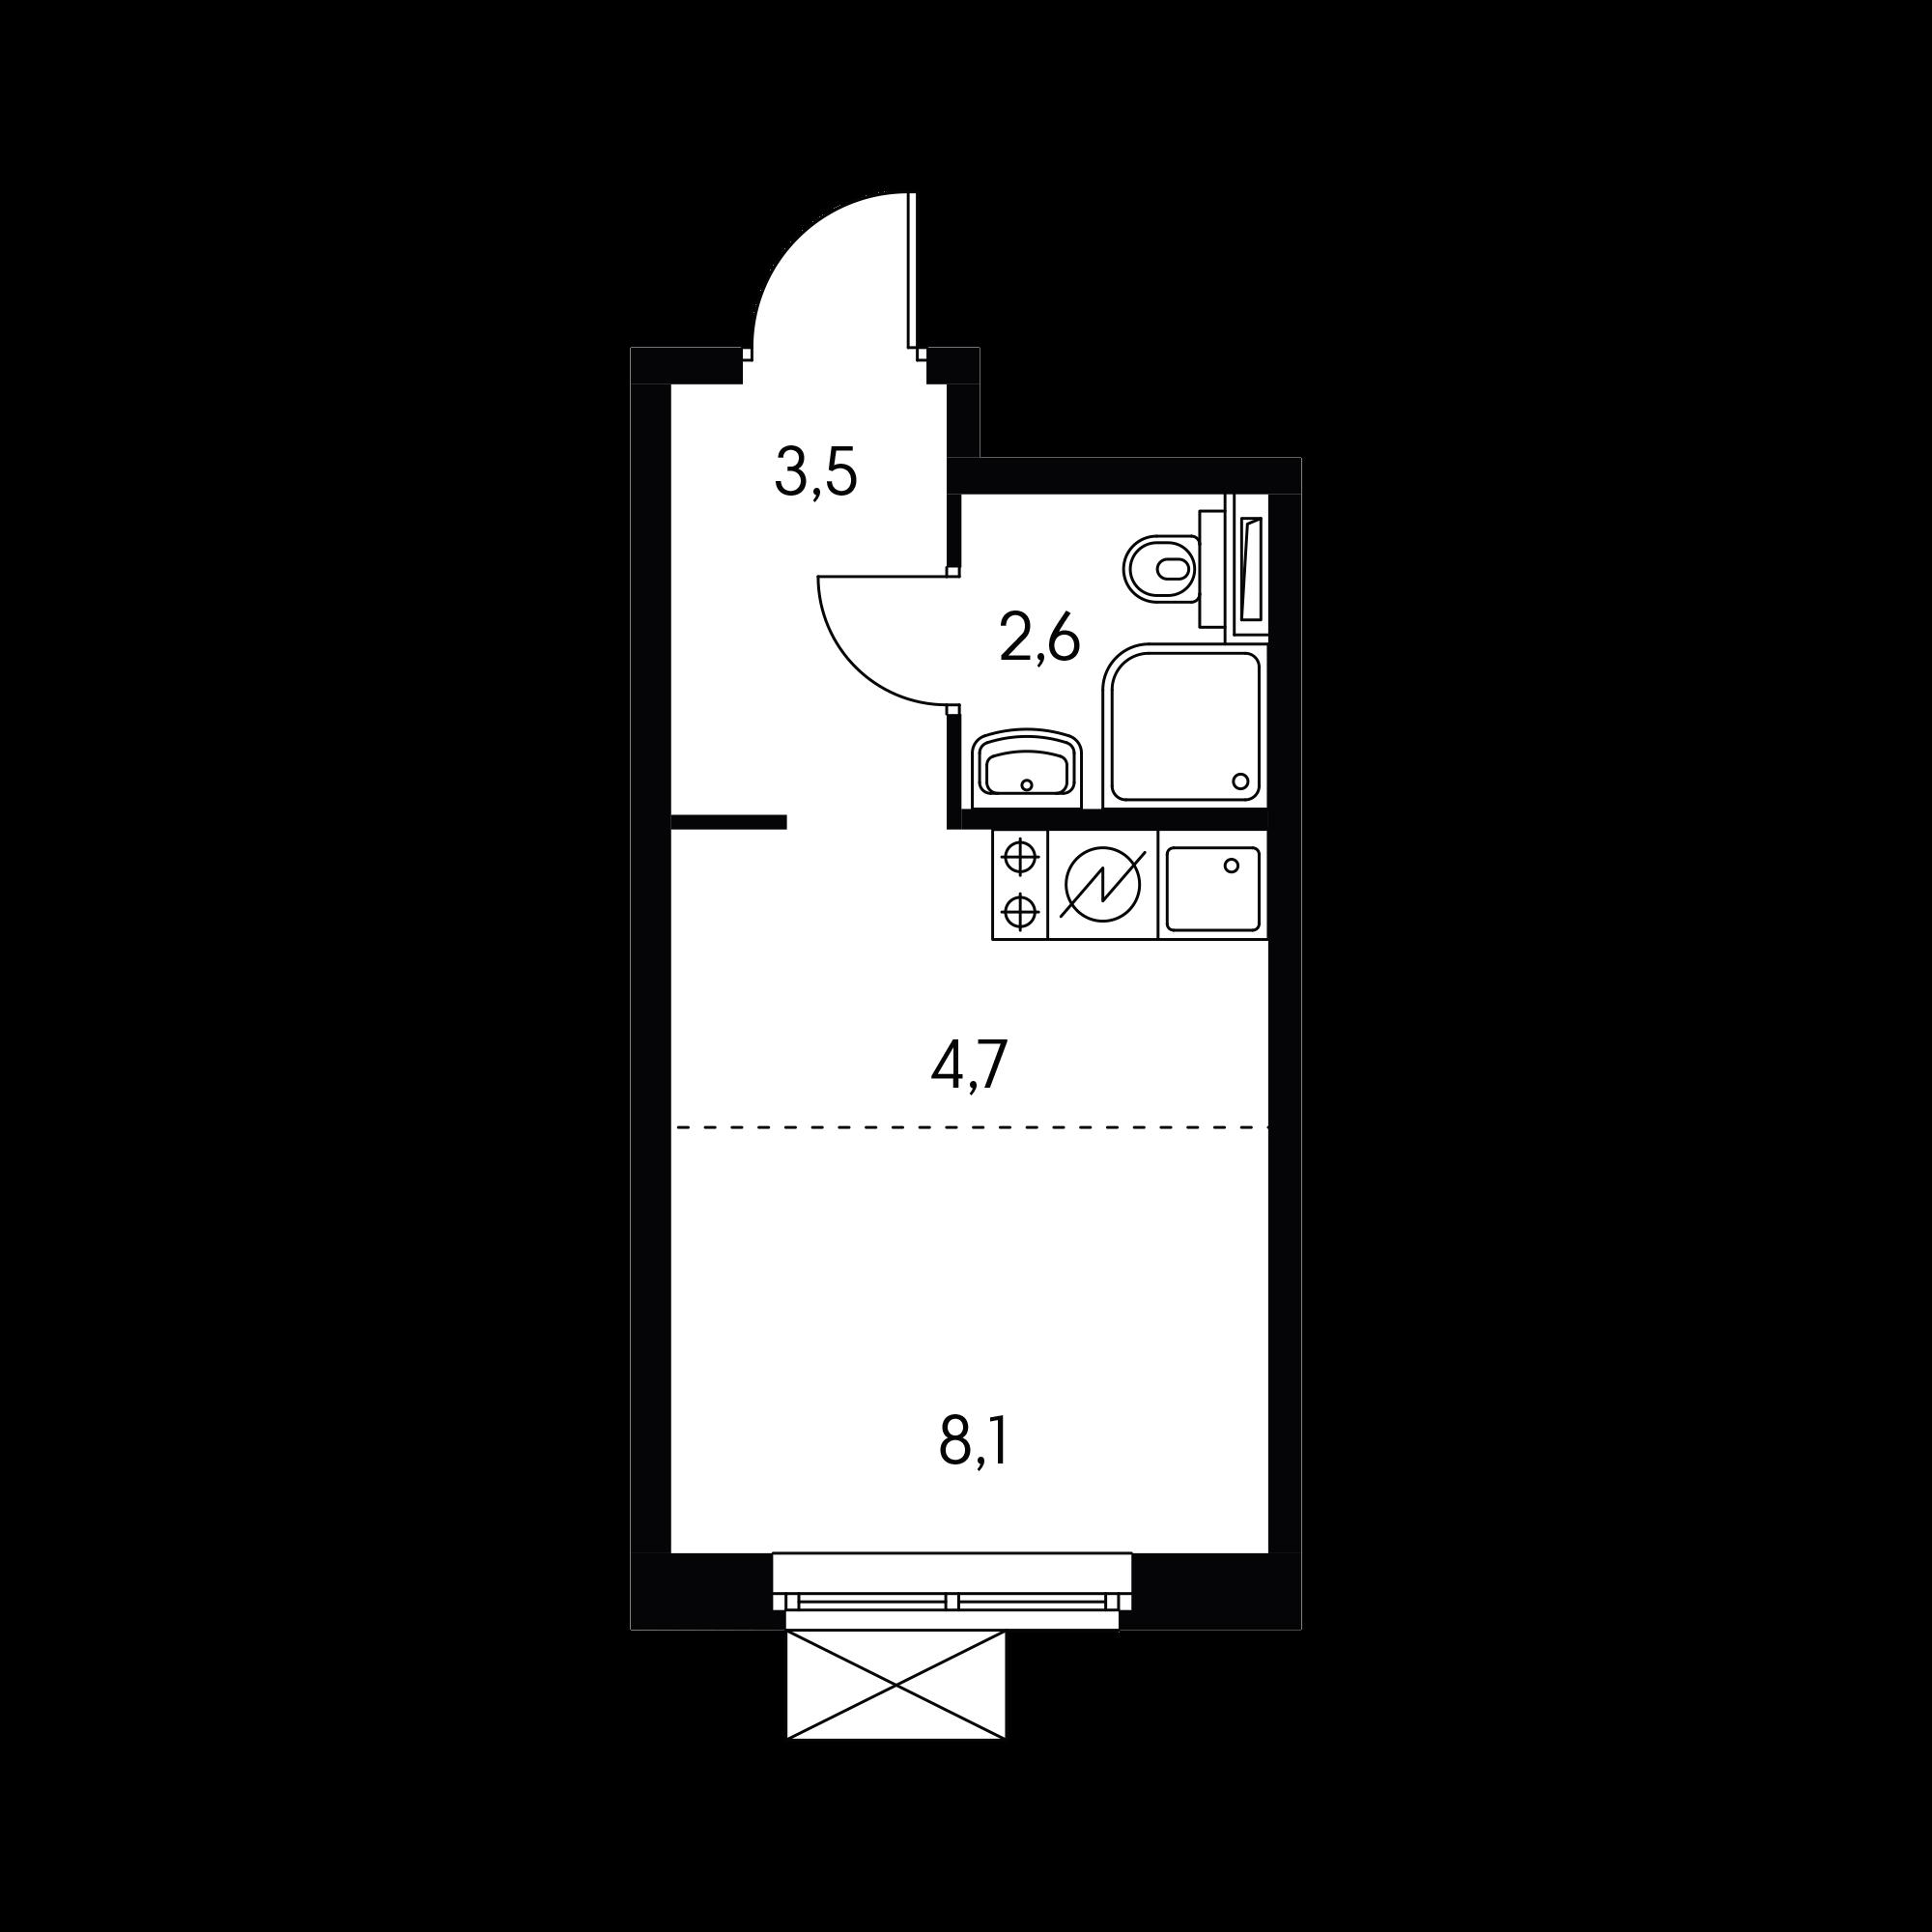 1NS2_3.45-1_S_Z